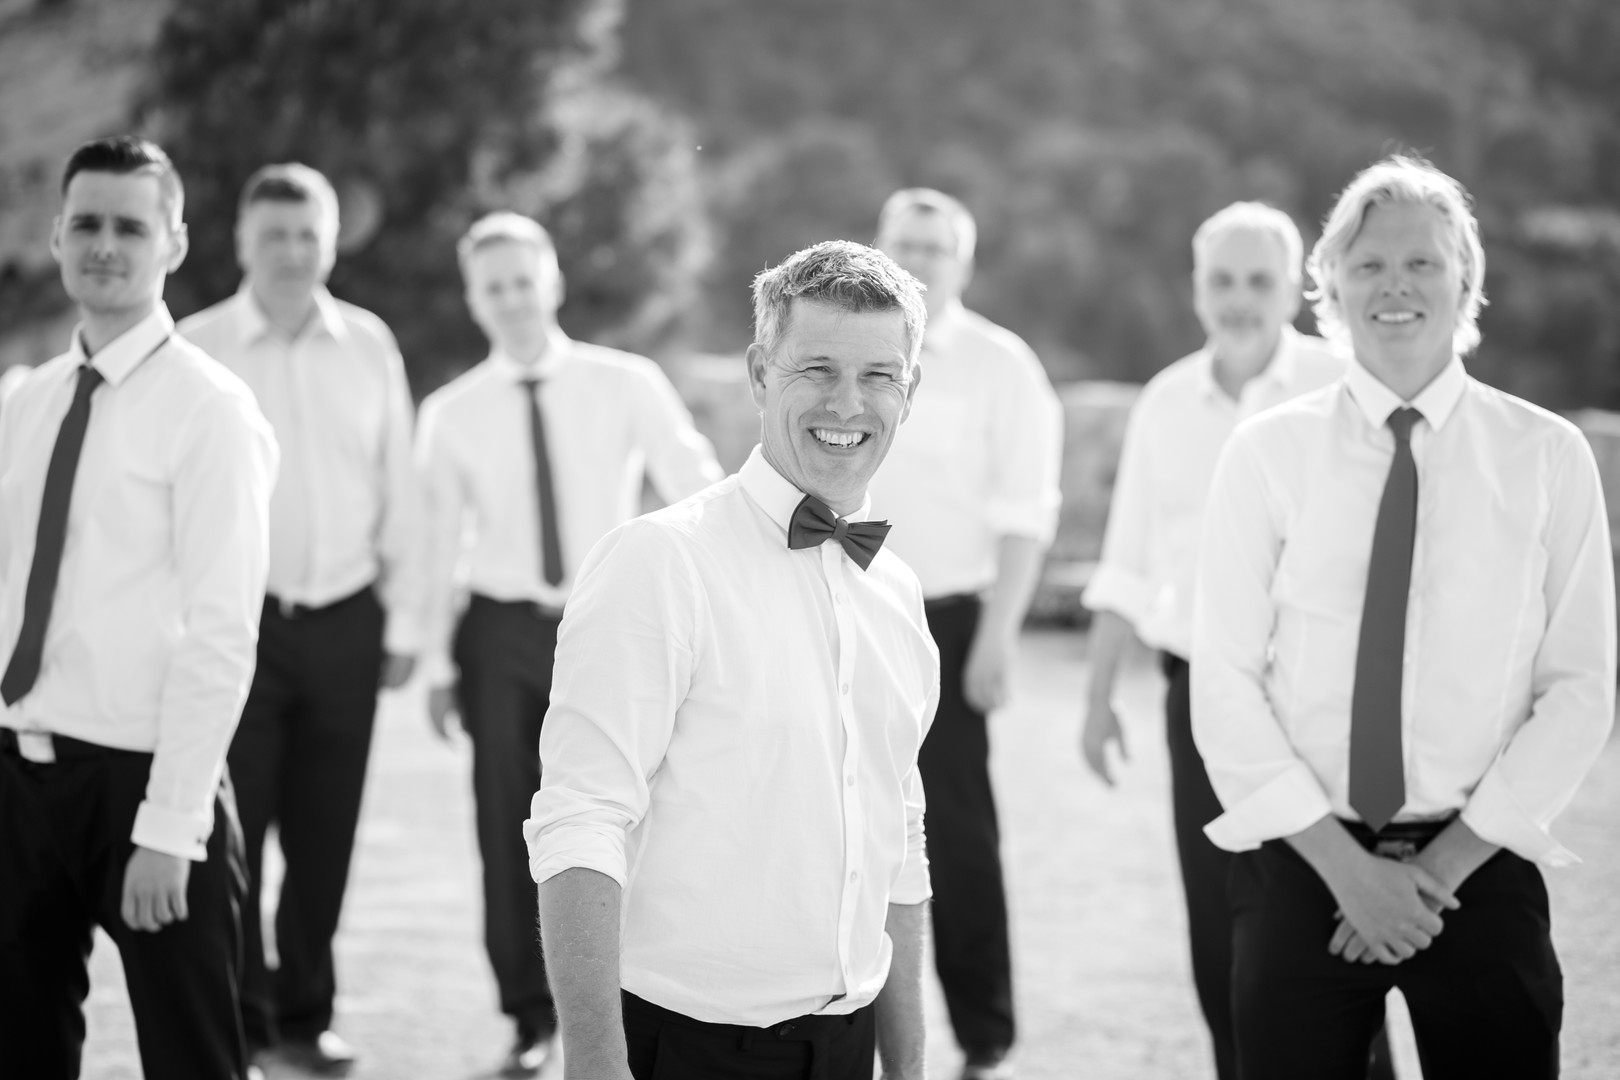 fotógarfo de bodas